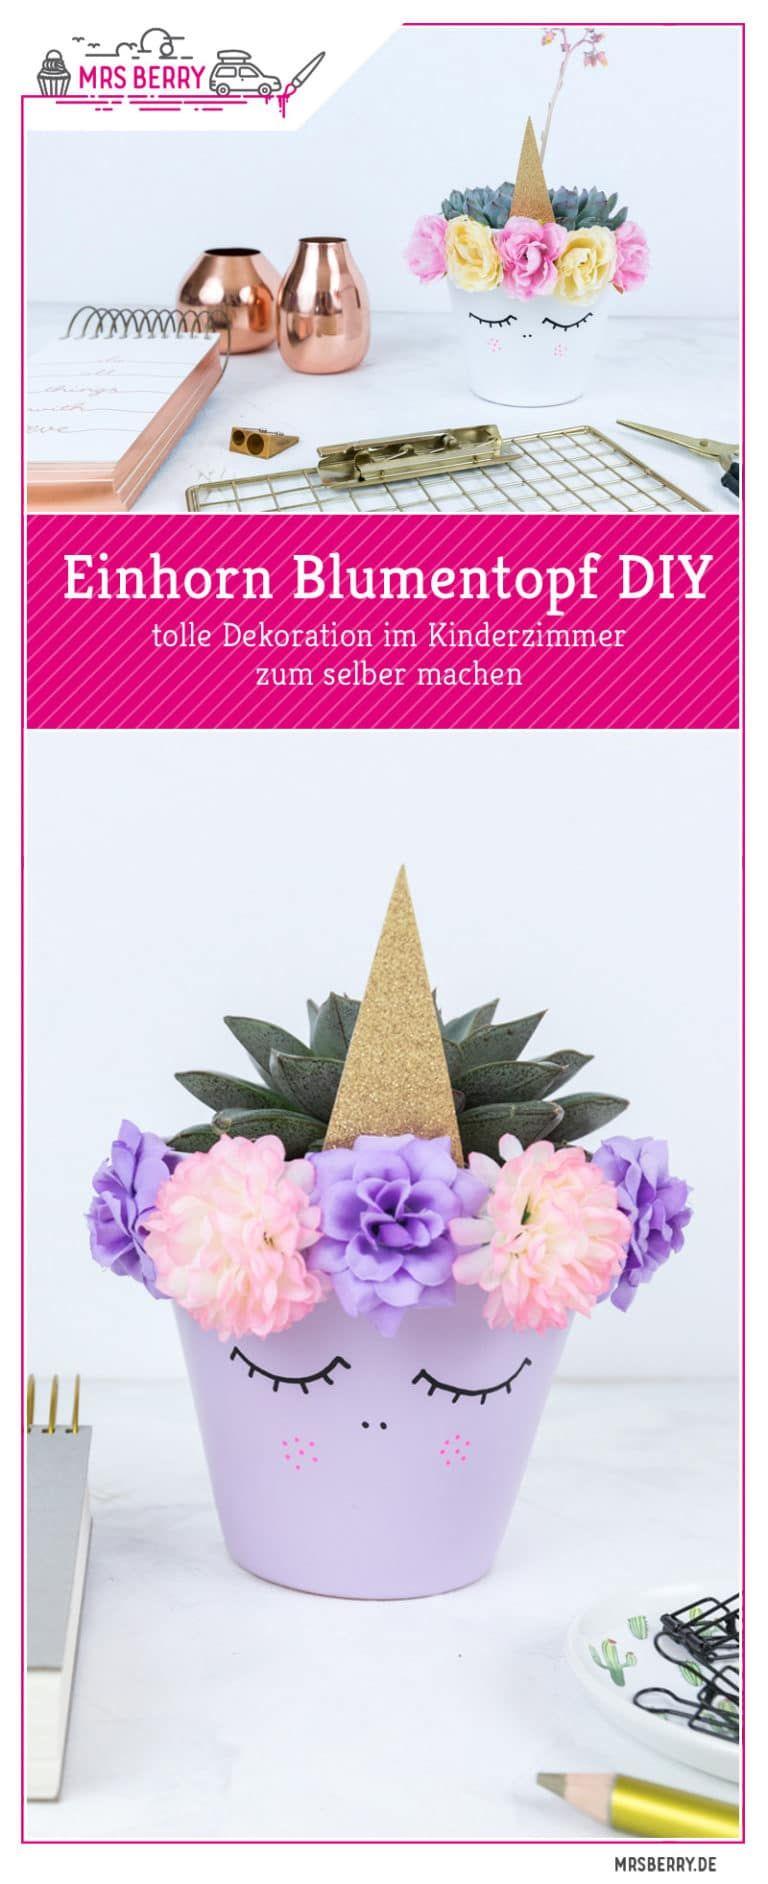 86eff9b4a57740 Einhorn Blumentopf DIY | Geburtstag Emma | Einhorn basteln, Basteln ...